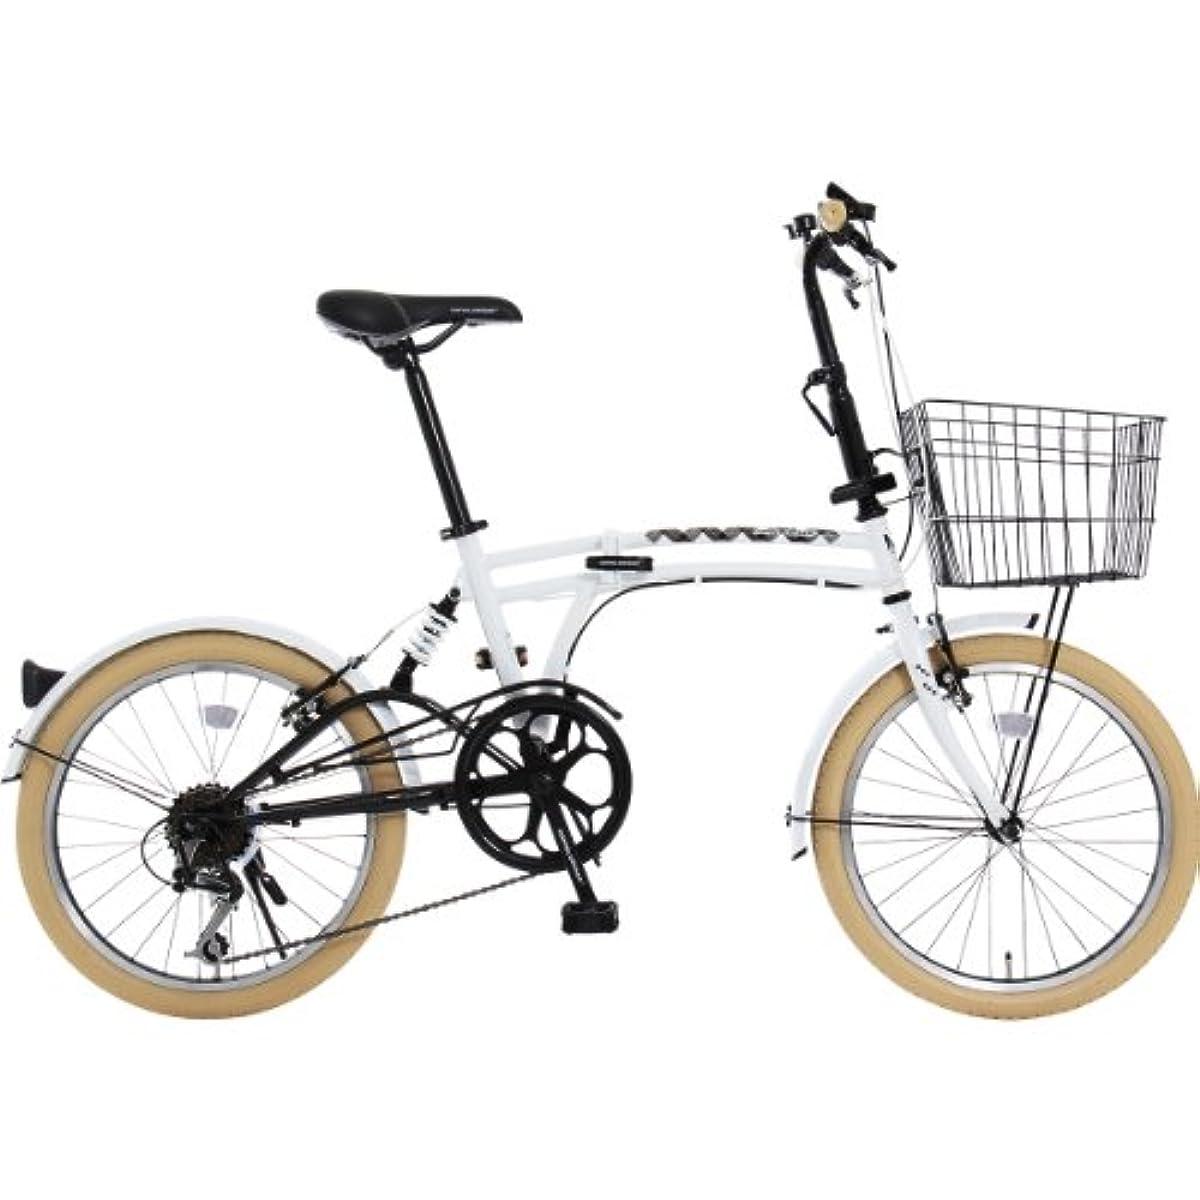 [해외] DOPPELGANGER(DOPPEL GANGER) 접이식 자전거 m6시리즈 20인치 패러럴 트윈 튜브 프레임 채용 모델 바구니・(자동차 등의) 흙받이 부착